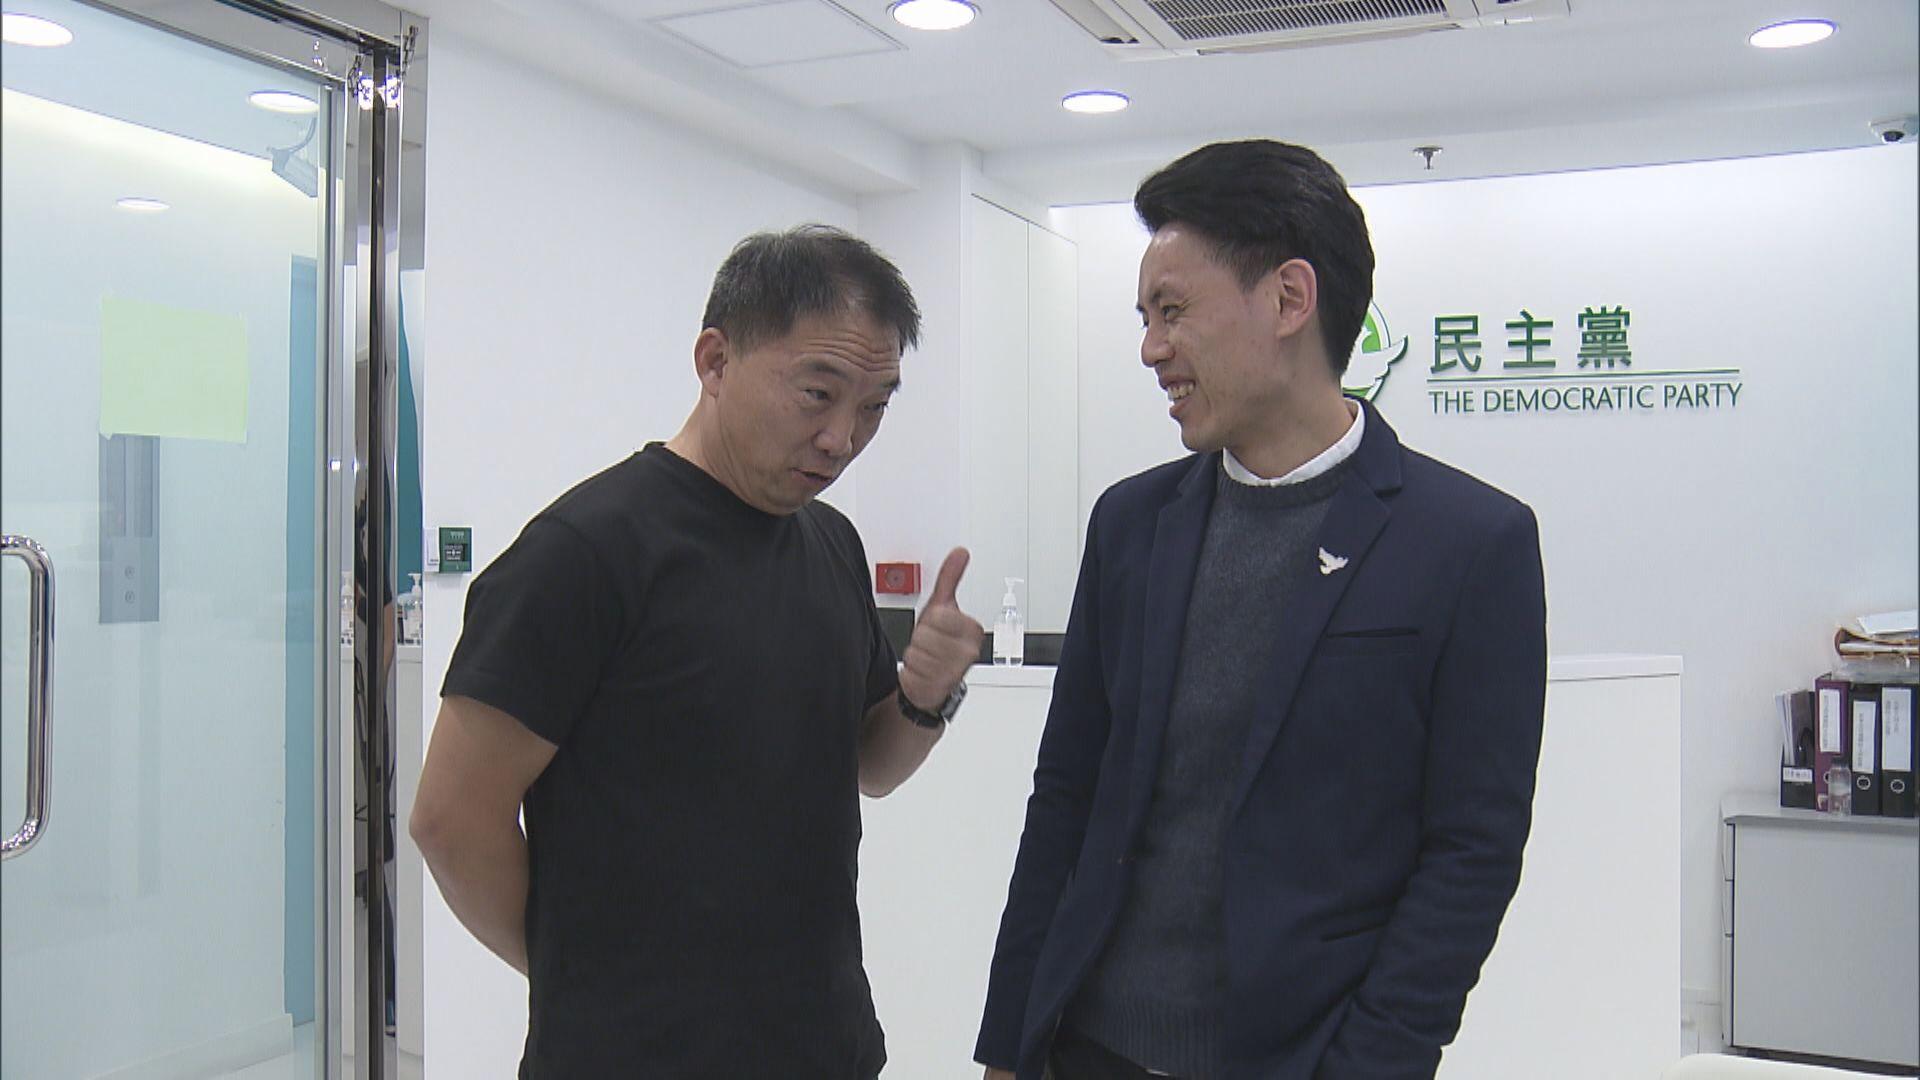 新任民主黨主席羅健熙:溫和有助與不同光譜拉近距離